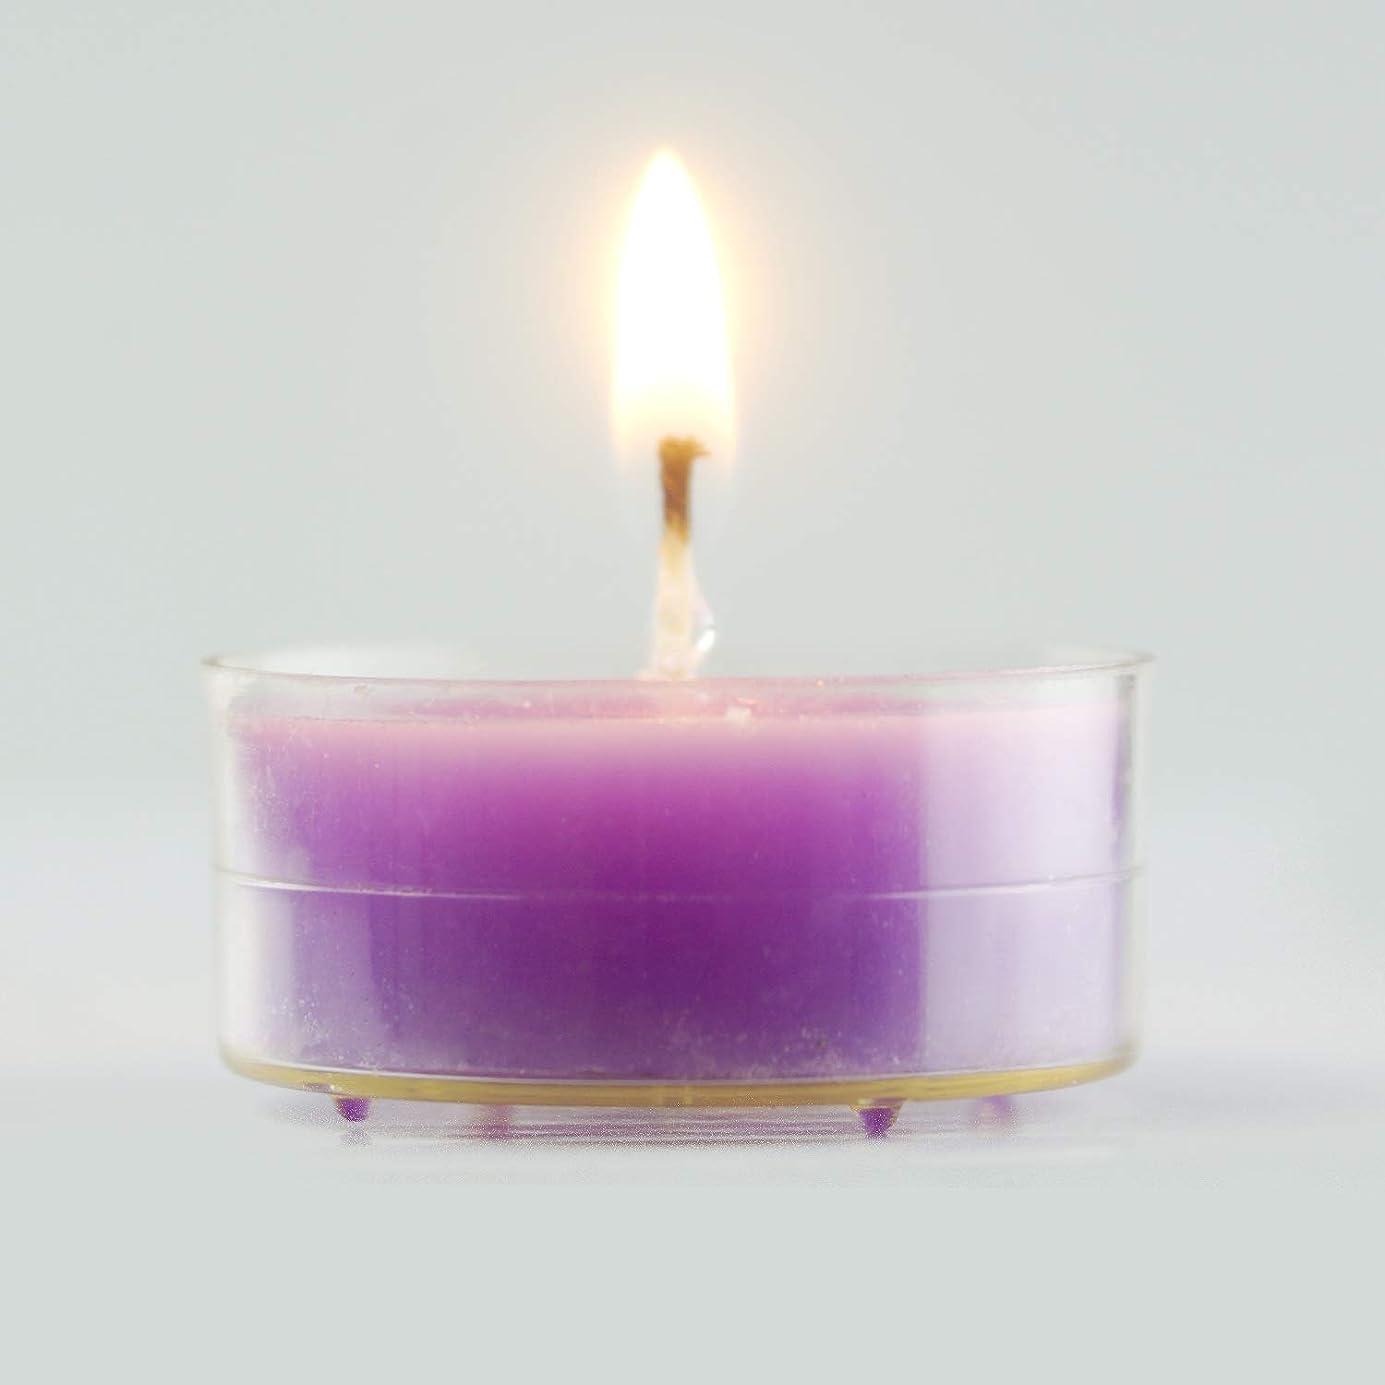 肉ライフル思い出環境に優しいキャンドル きれいな無煙大豆ワックス色味茶ワックス48ピース4時間燃える時間白いキャンドルライト用家の装飾、クリスマス休暇、結婚披露宴の装飾 実用的な無煙キャンドル (Color : Purple)